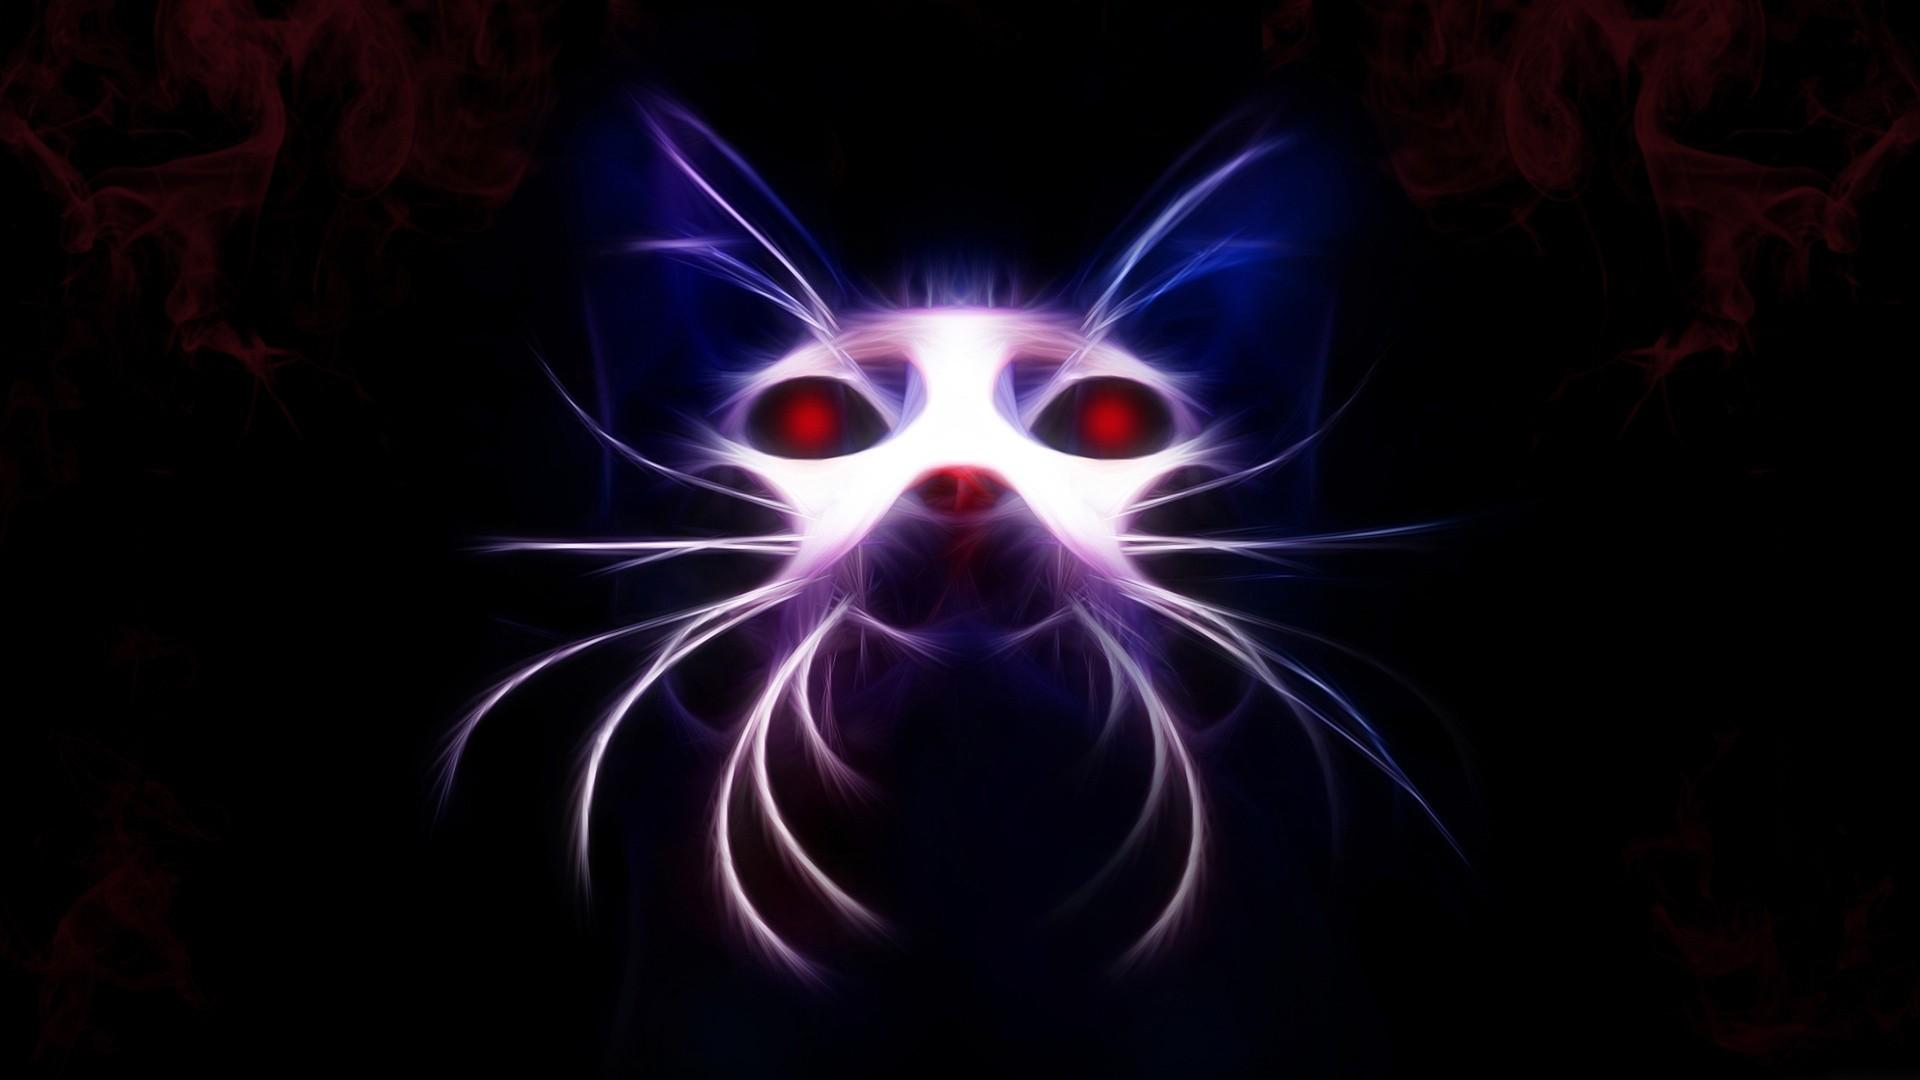 Res: 1920x1080, cat wallpaper light